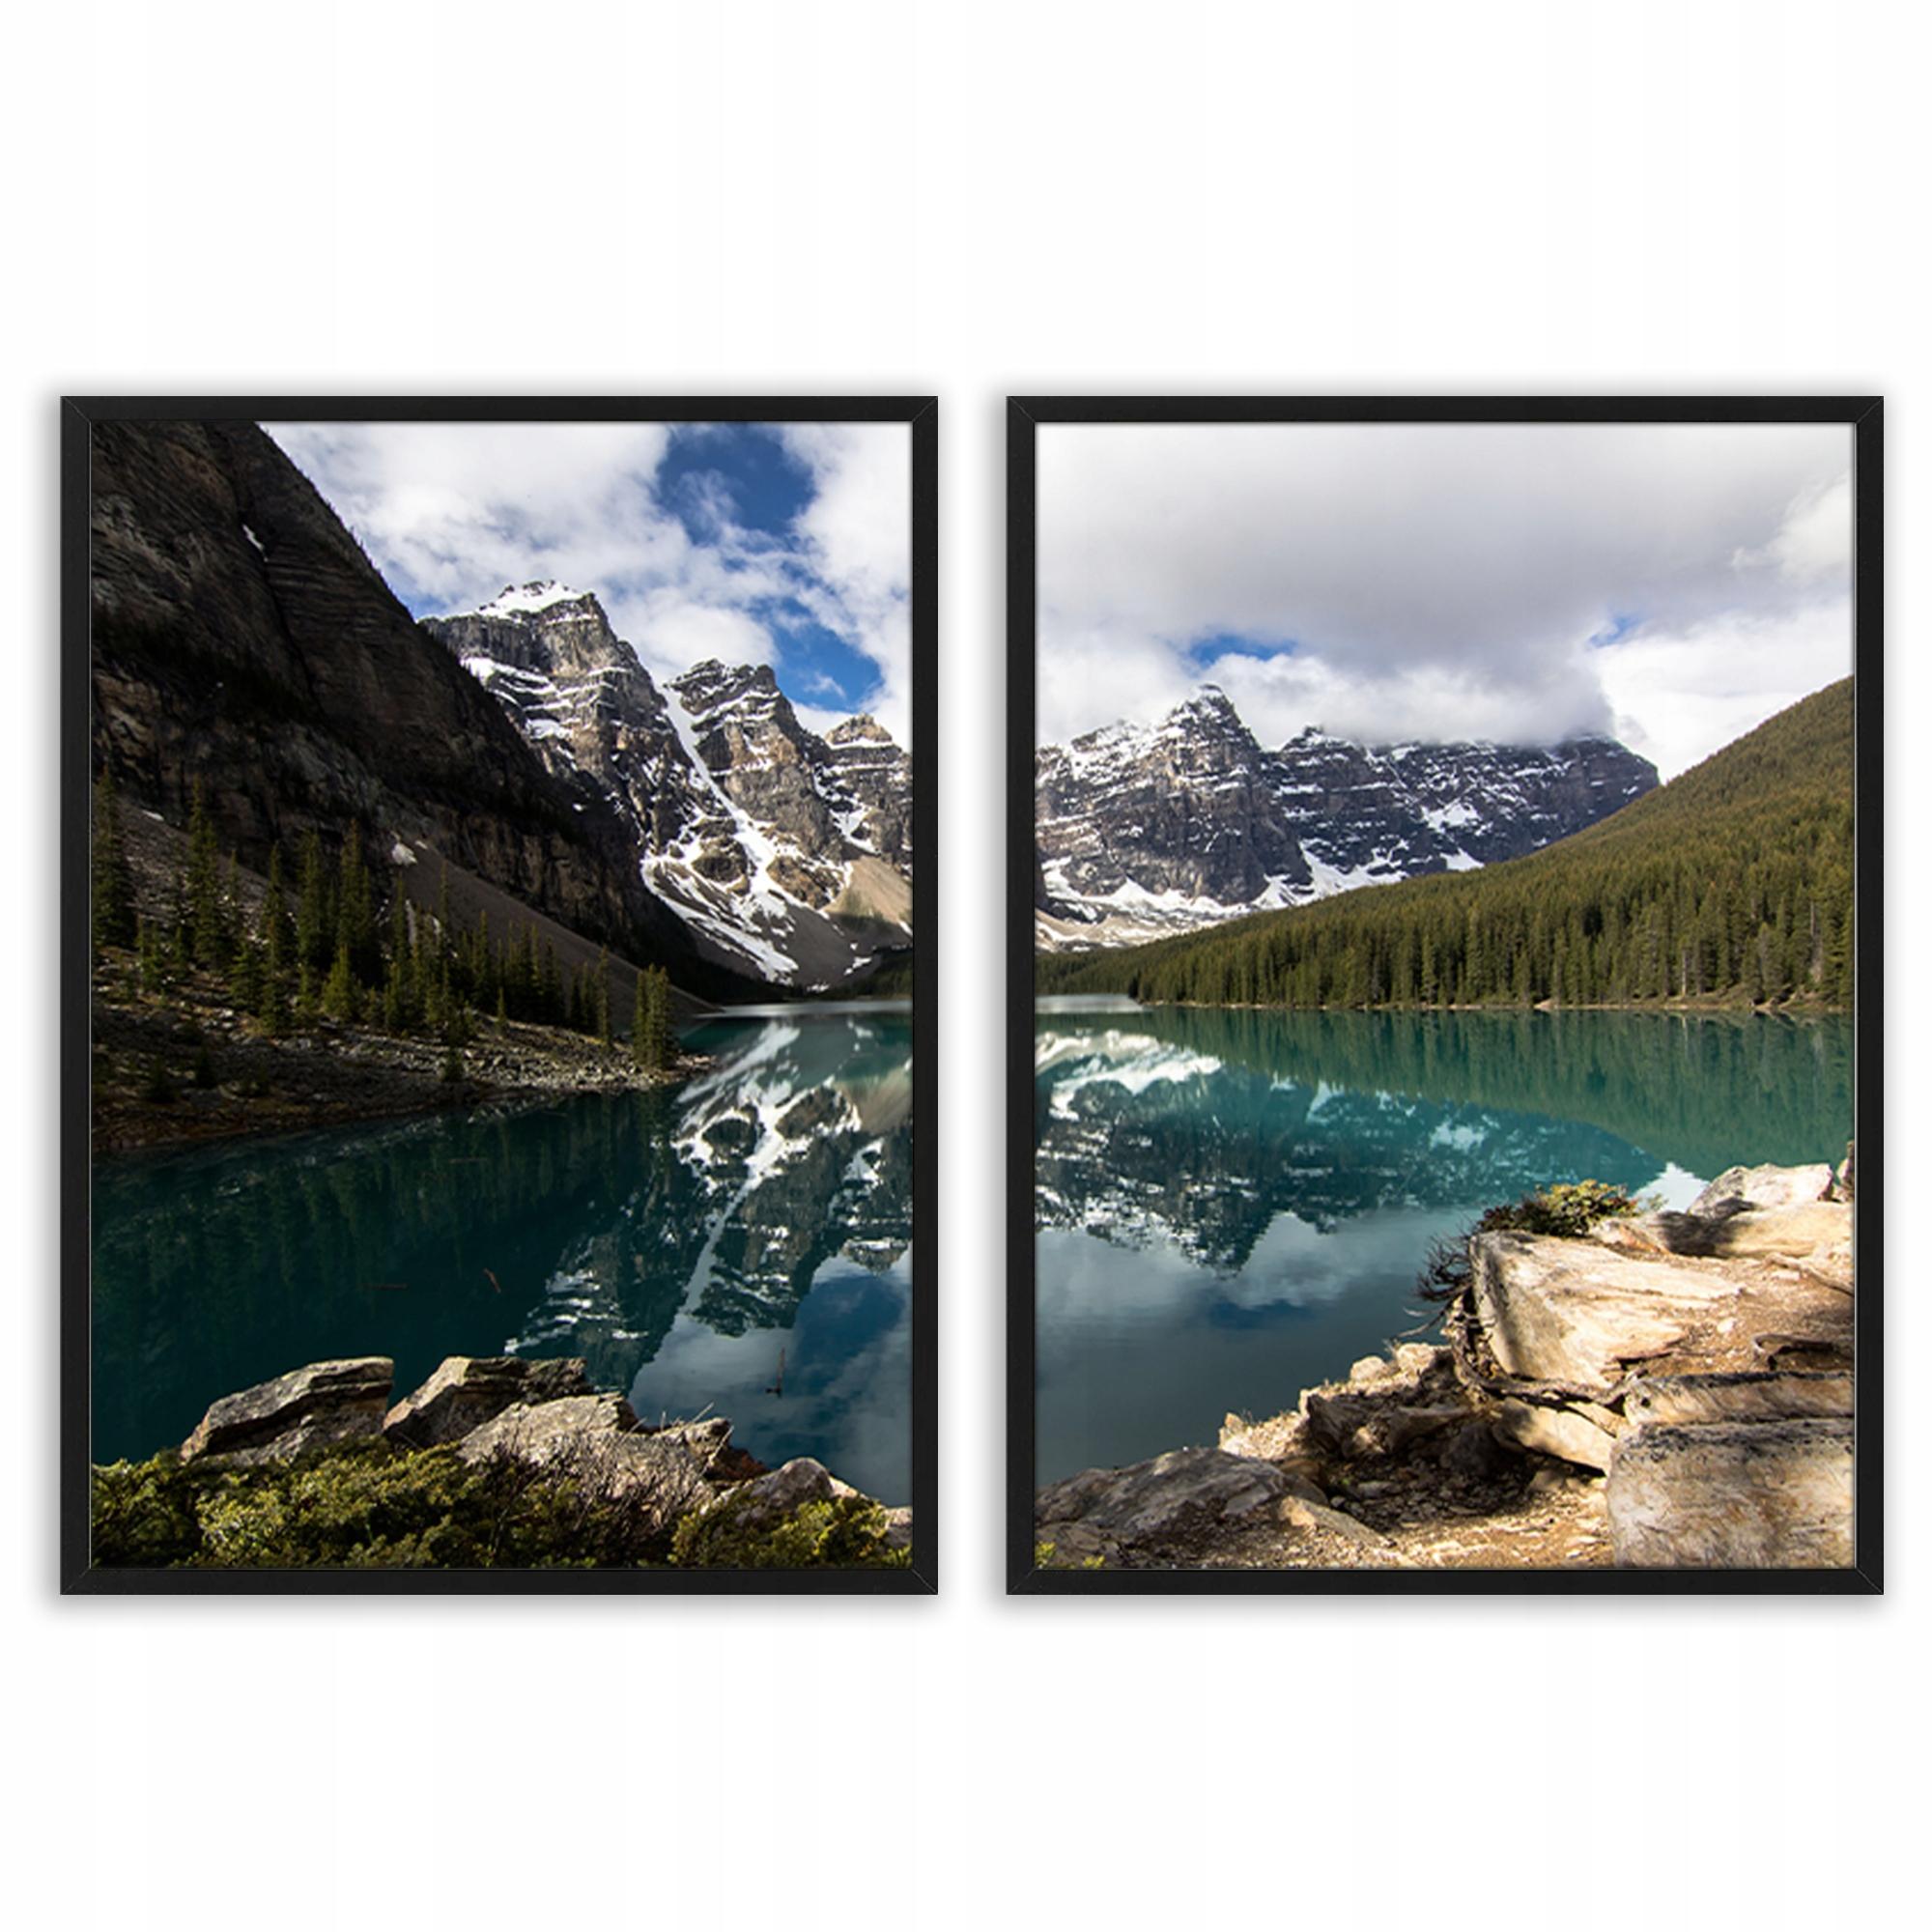 Seria Obrazy plakaty w ramie 86x53 cm jezioro góry